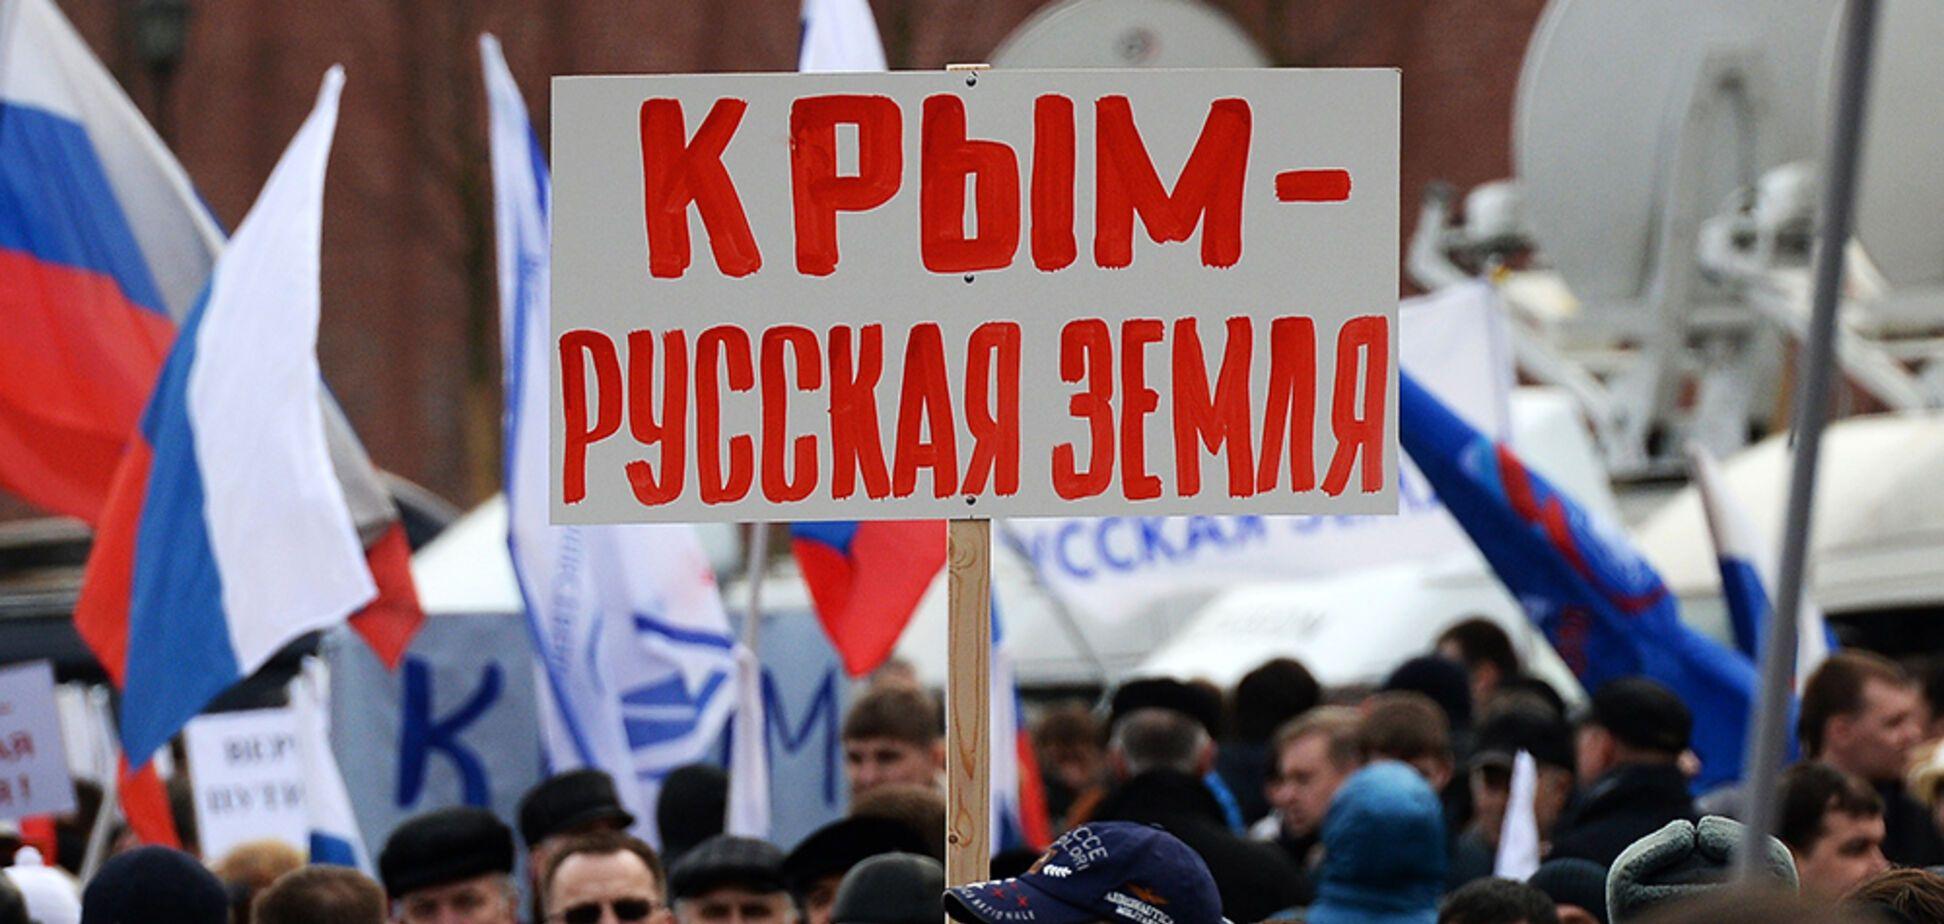 'Едут к хунте с б*ндеровцами': крымнашисты устроили массовое бегство с полуострова